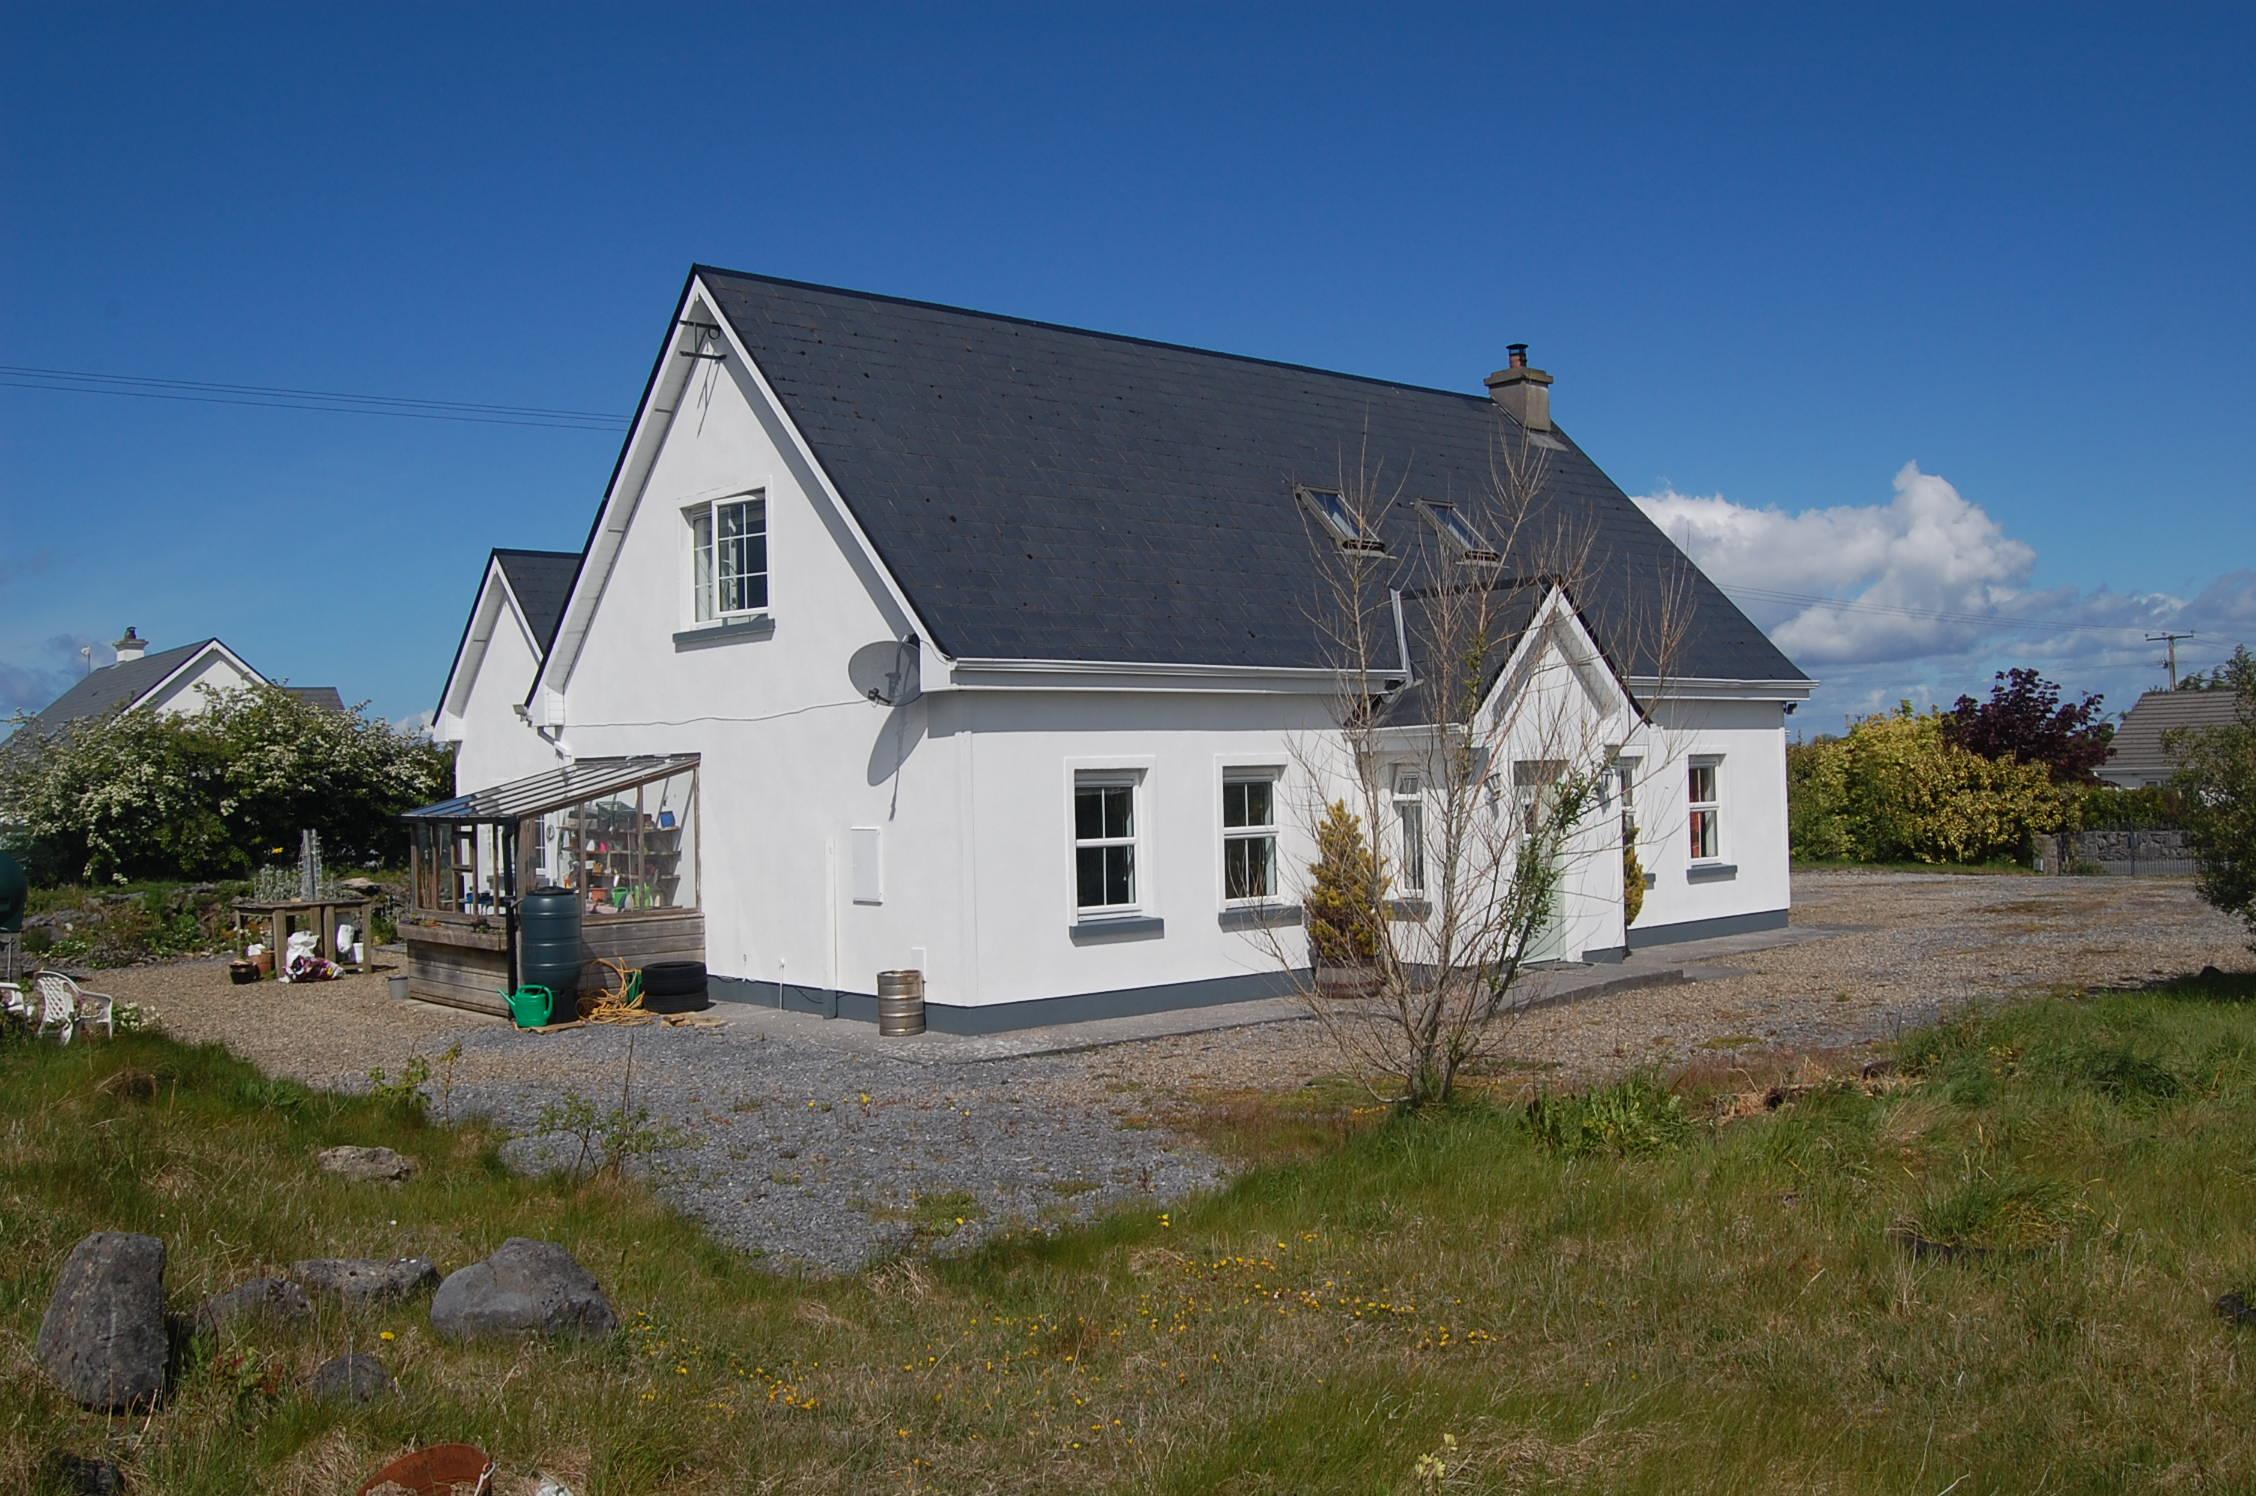 Tooreen West, Kilcolgan, Co. Galway